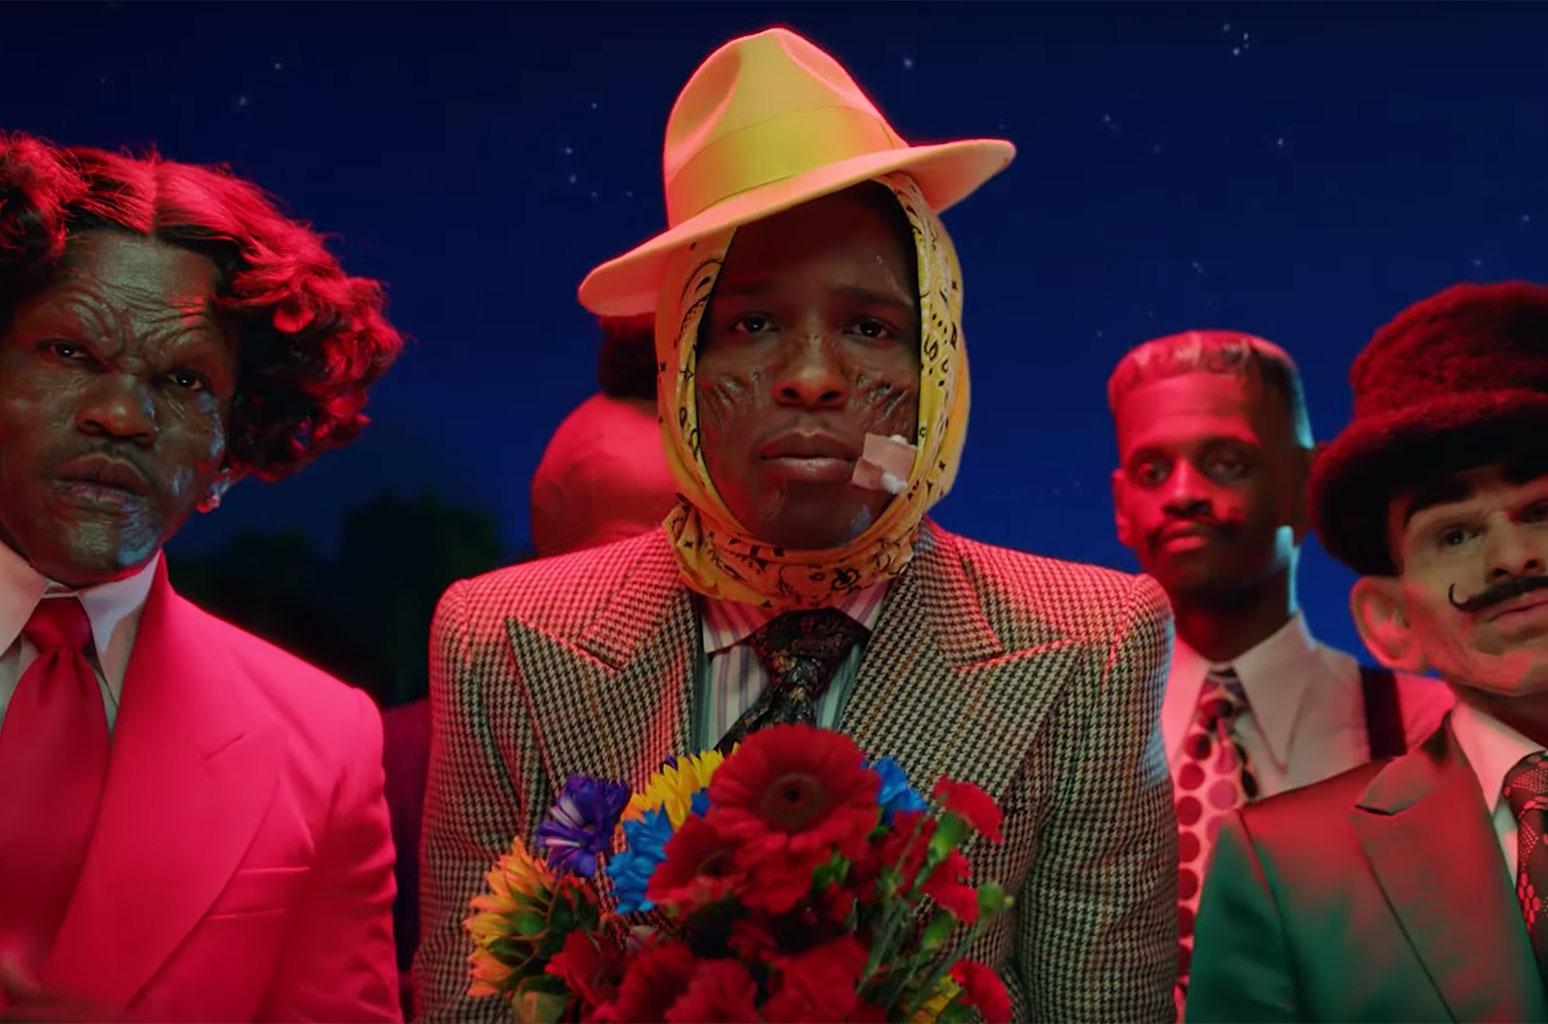 10 lanzamientos recientes que debes escuchar: A$AP Rocky + GoldLink + Twin Shadow y más